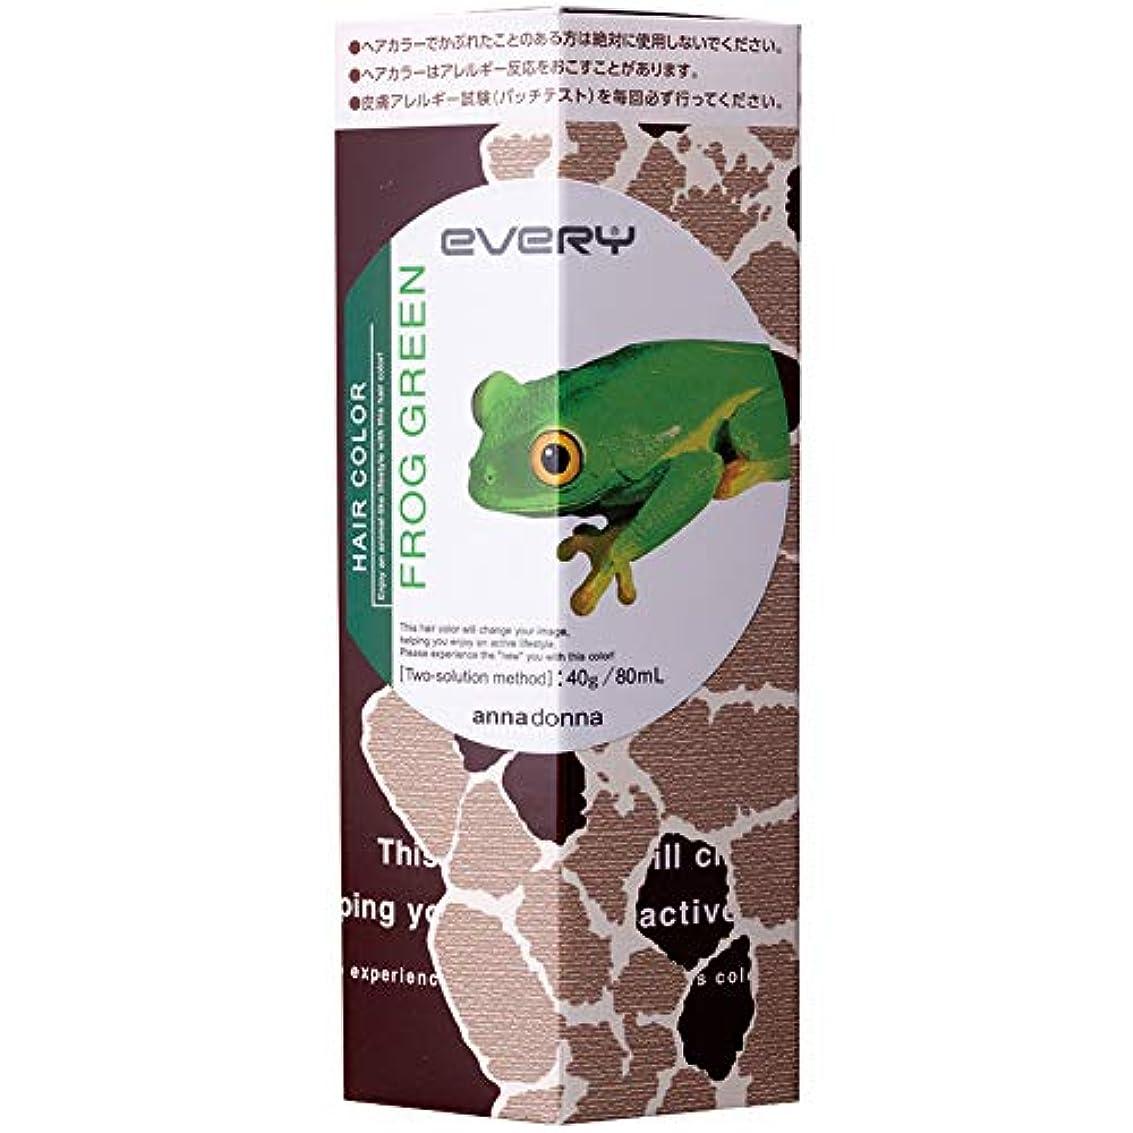 剥ぎ取る発生器適応するアンナドンナ エブリ ヘアカラー (フロッググリーン) 1剤40g 2剤80ml 【HTRC5.1】